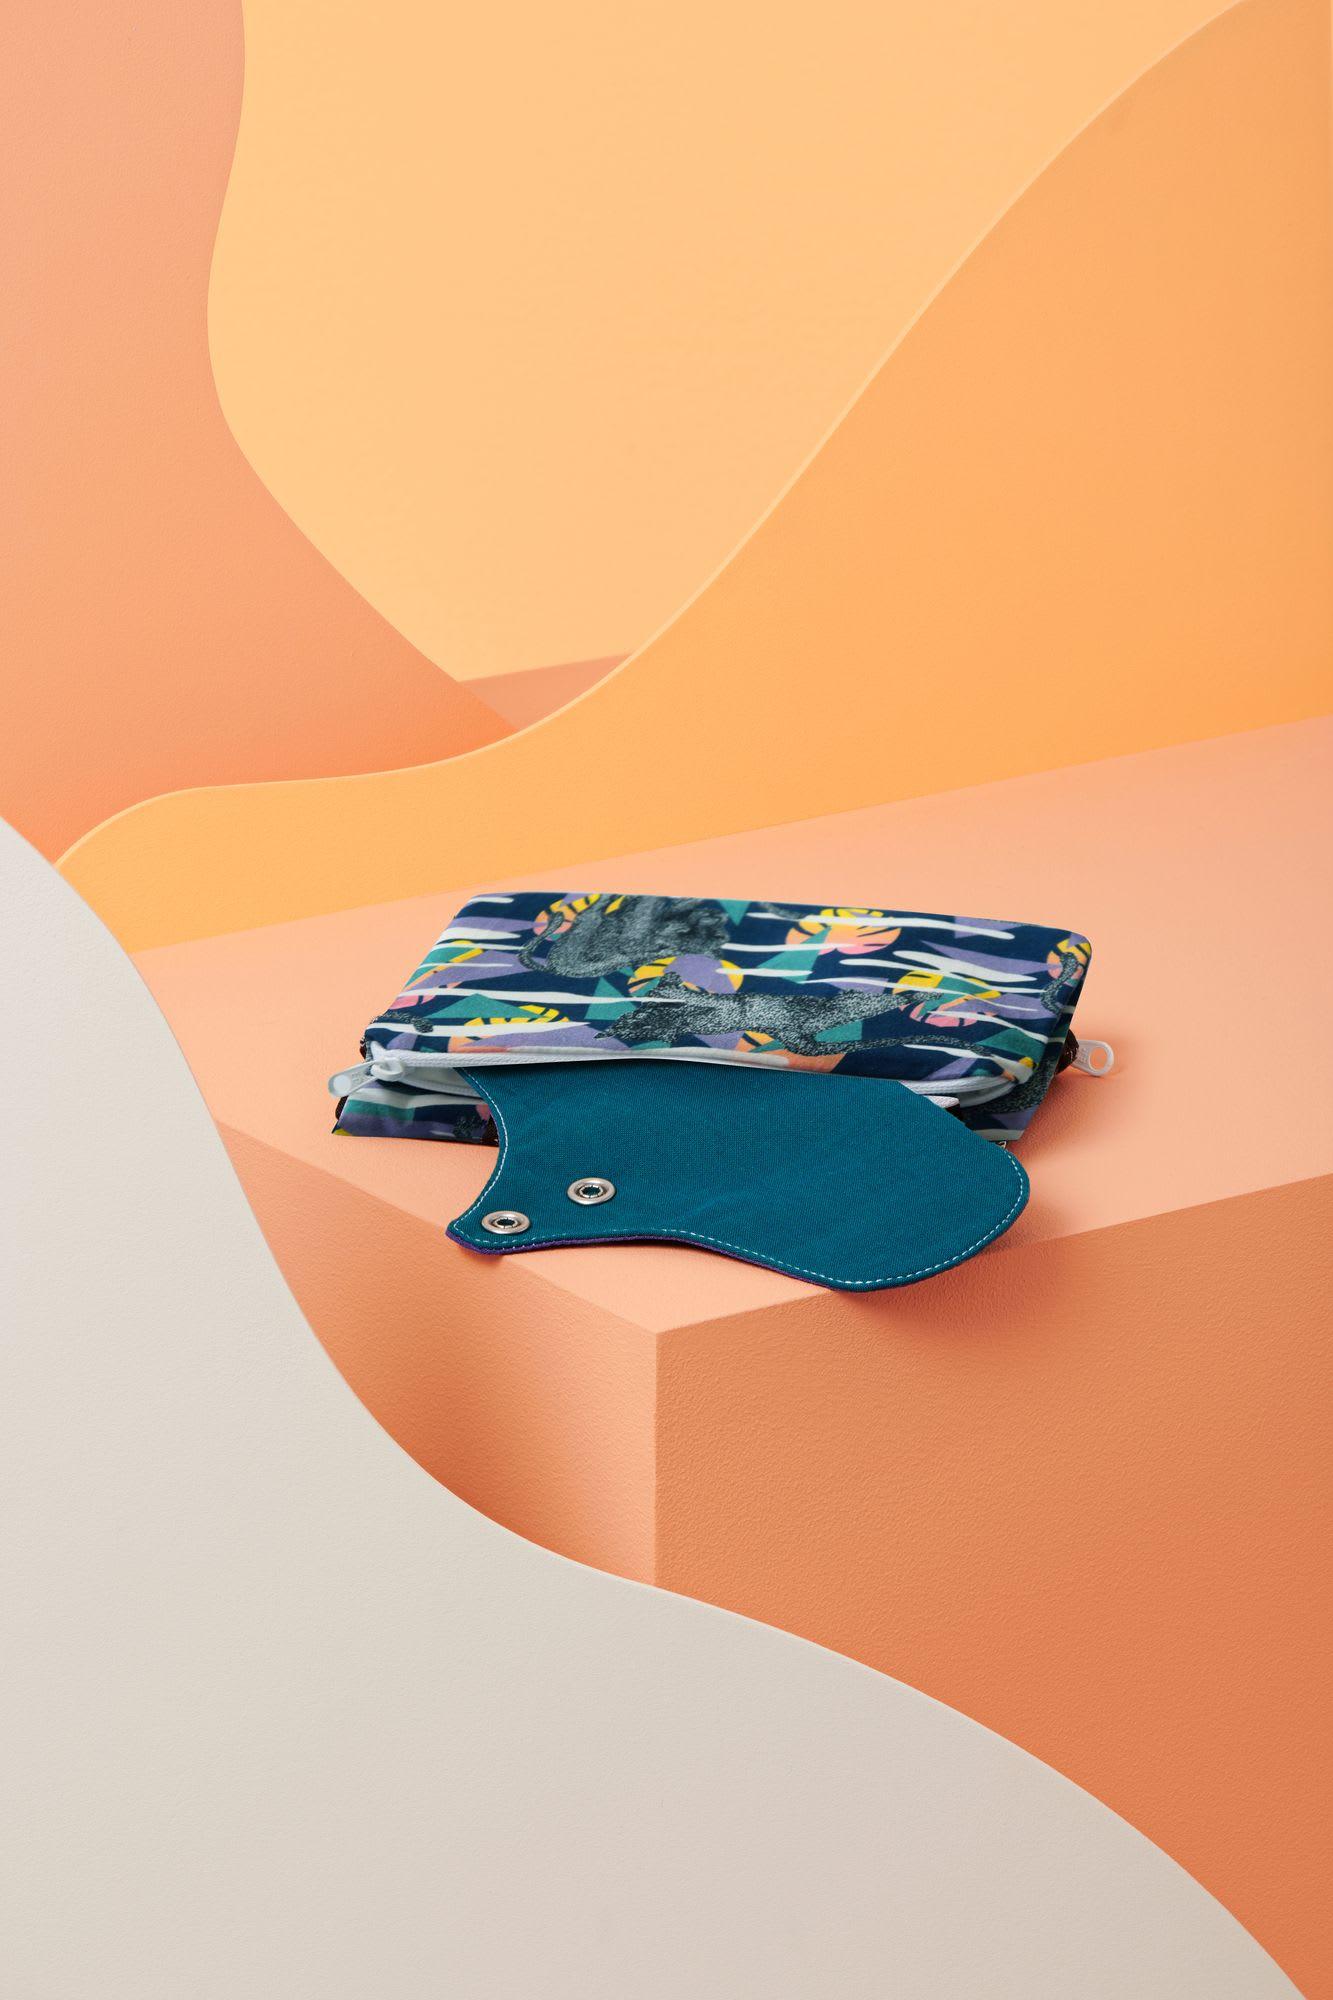 Pochette de transport de serviettes hygiéniques lavables avec double compartiment dont 1 imperméable pour pouvoir ranger ses protections périodiques utilisées sans risque de fuite